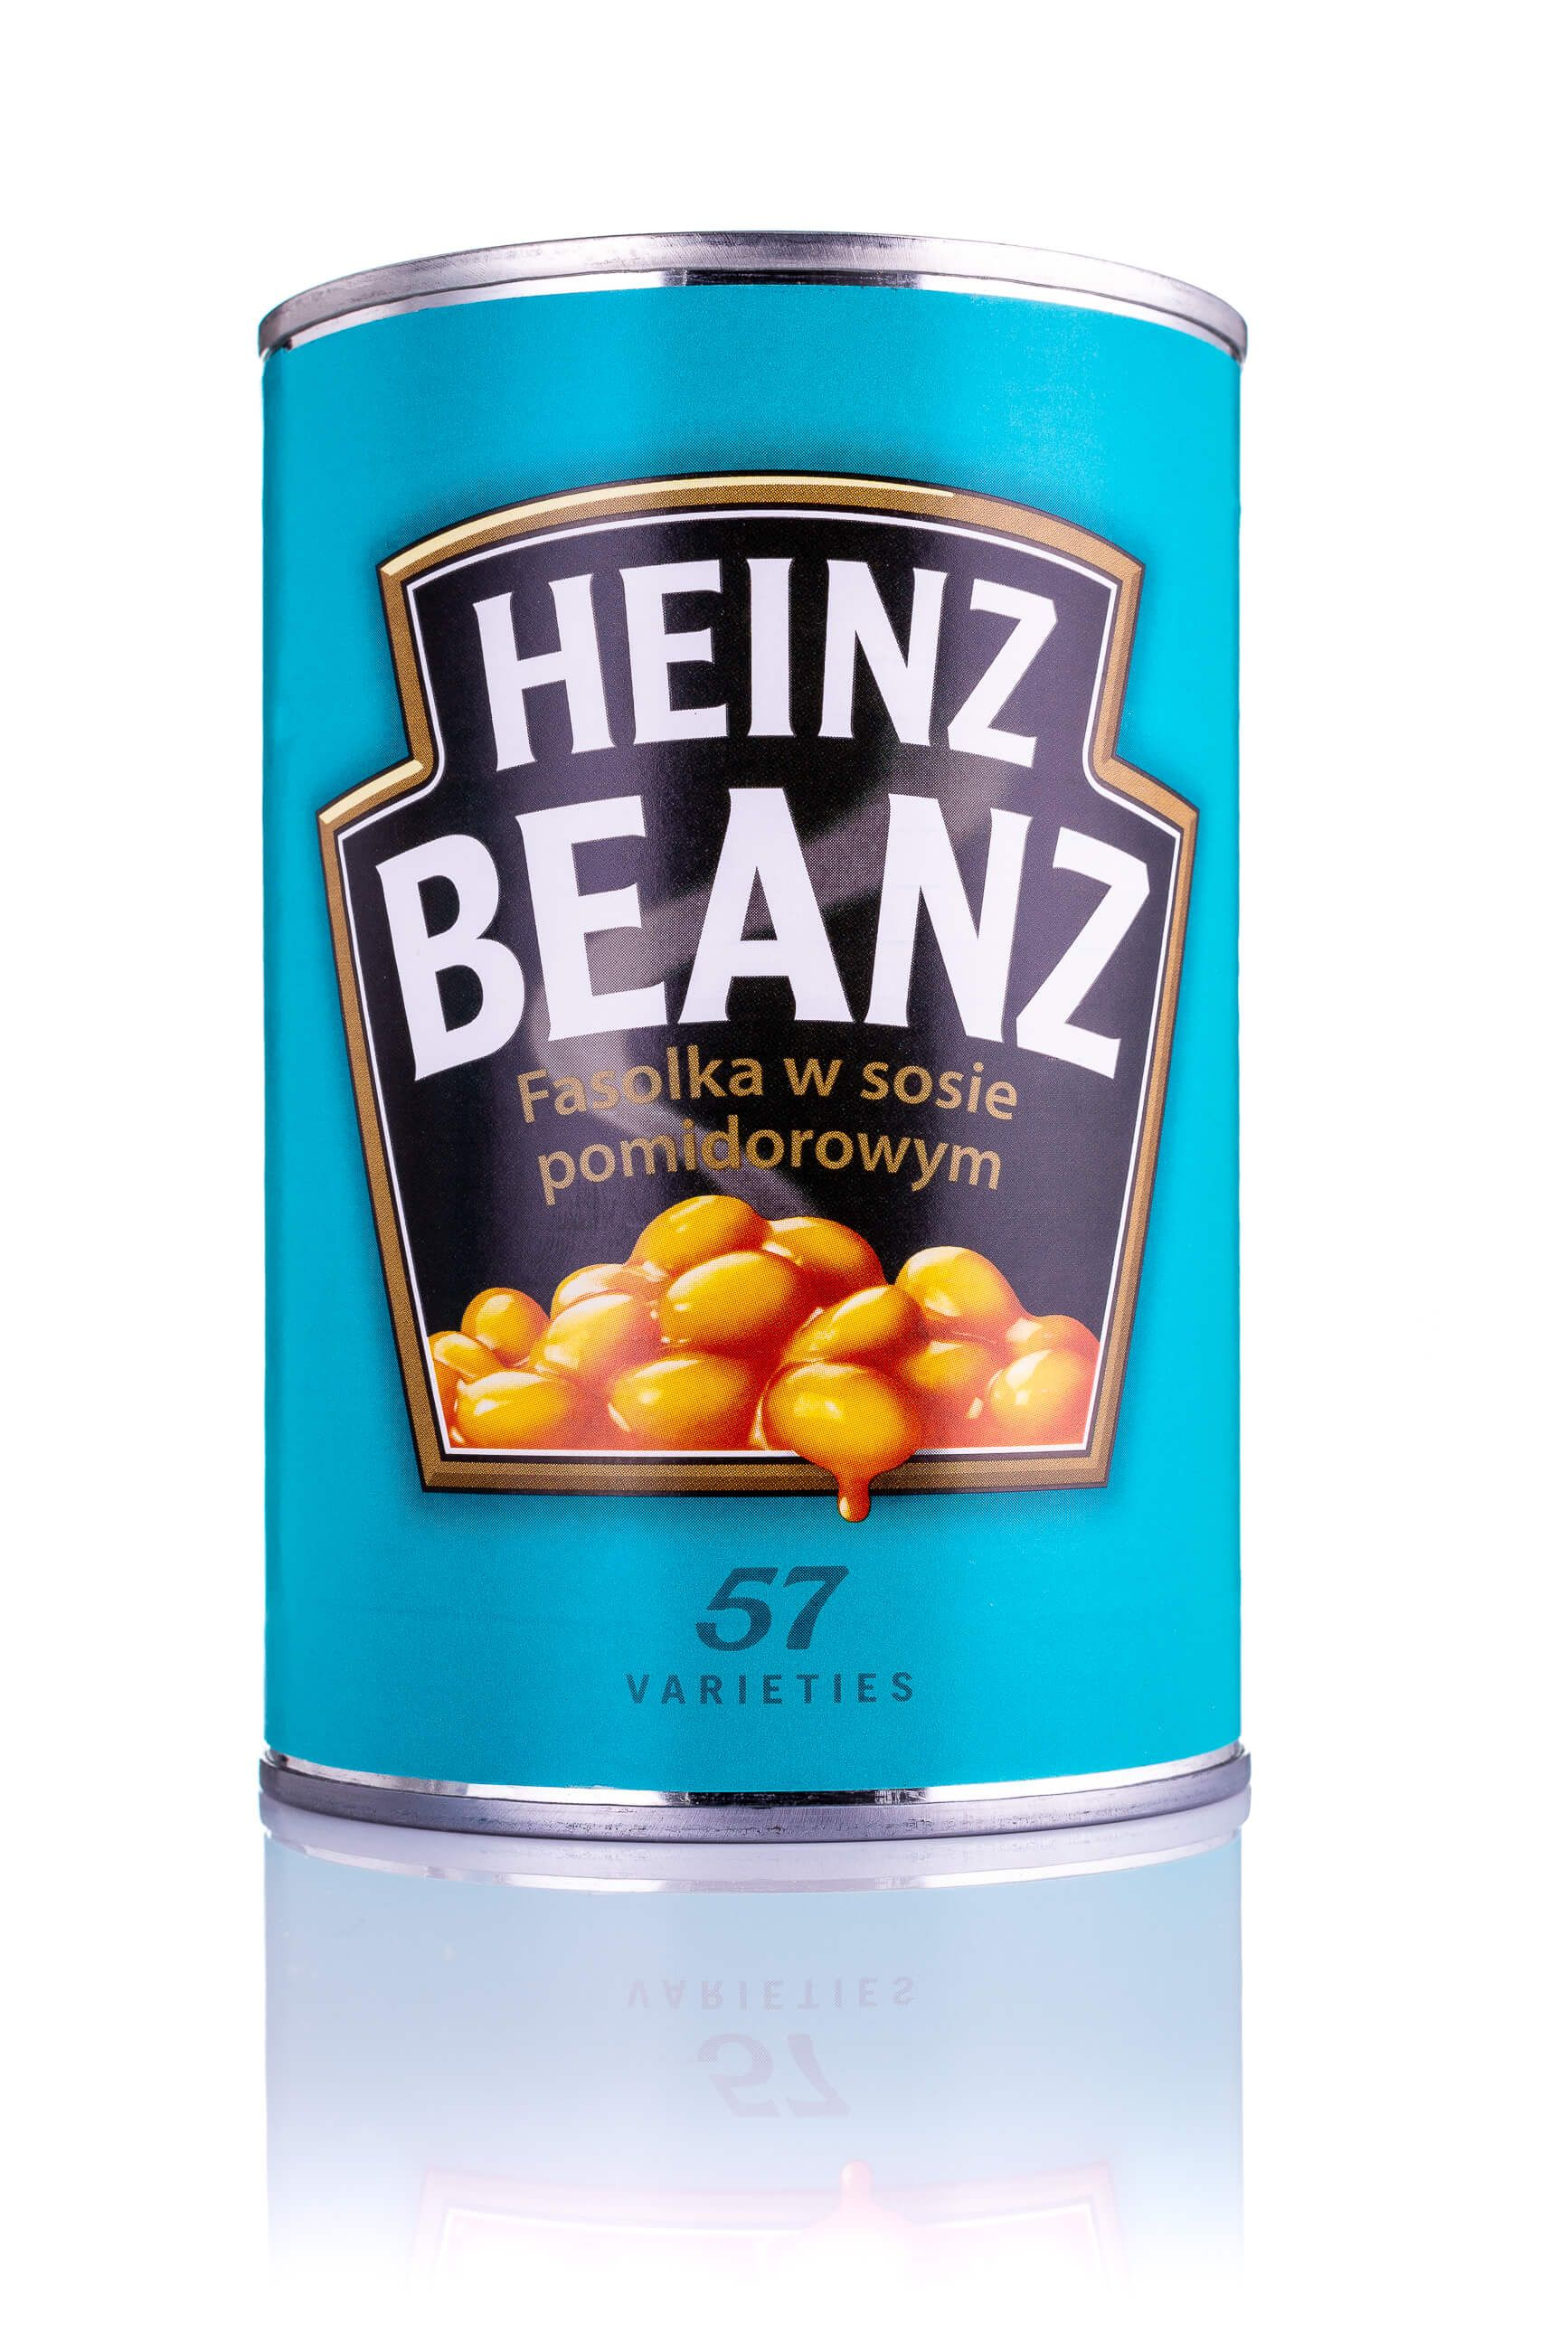 Zdjęcie packshotowe fasolki w puszce marki Heinz